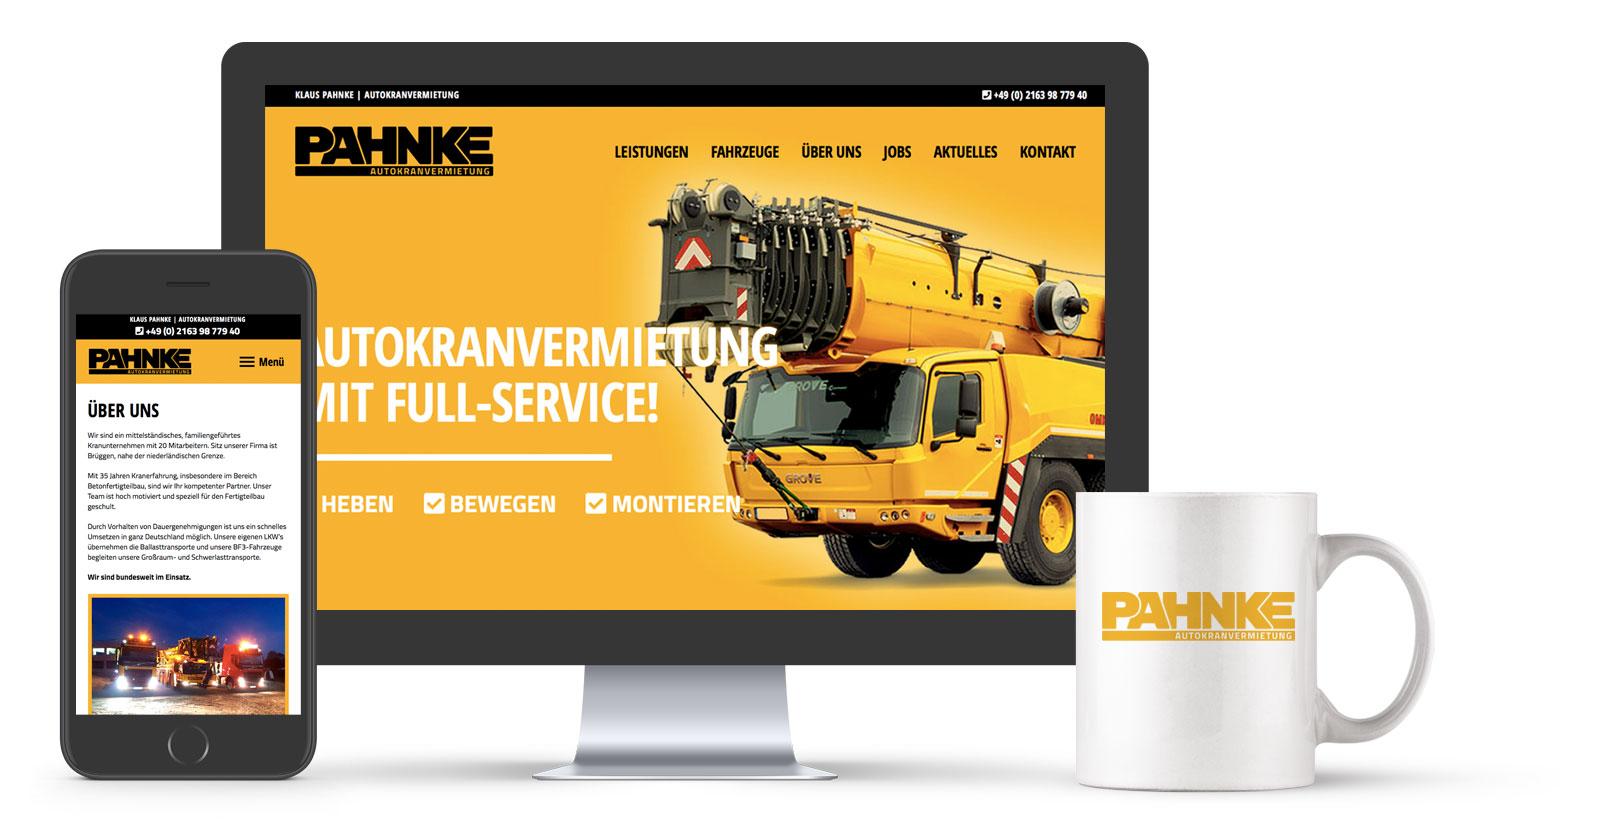 Referenz: Website Design & Corporate Design Entwicklung: Klaus Pahnke Autokranvermietung